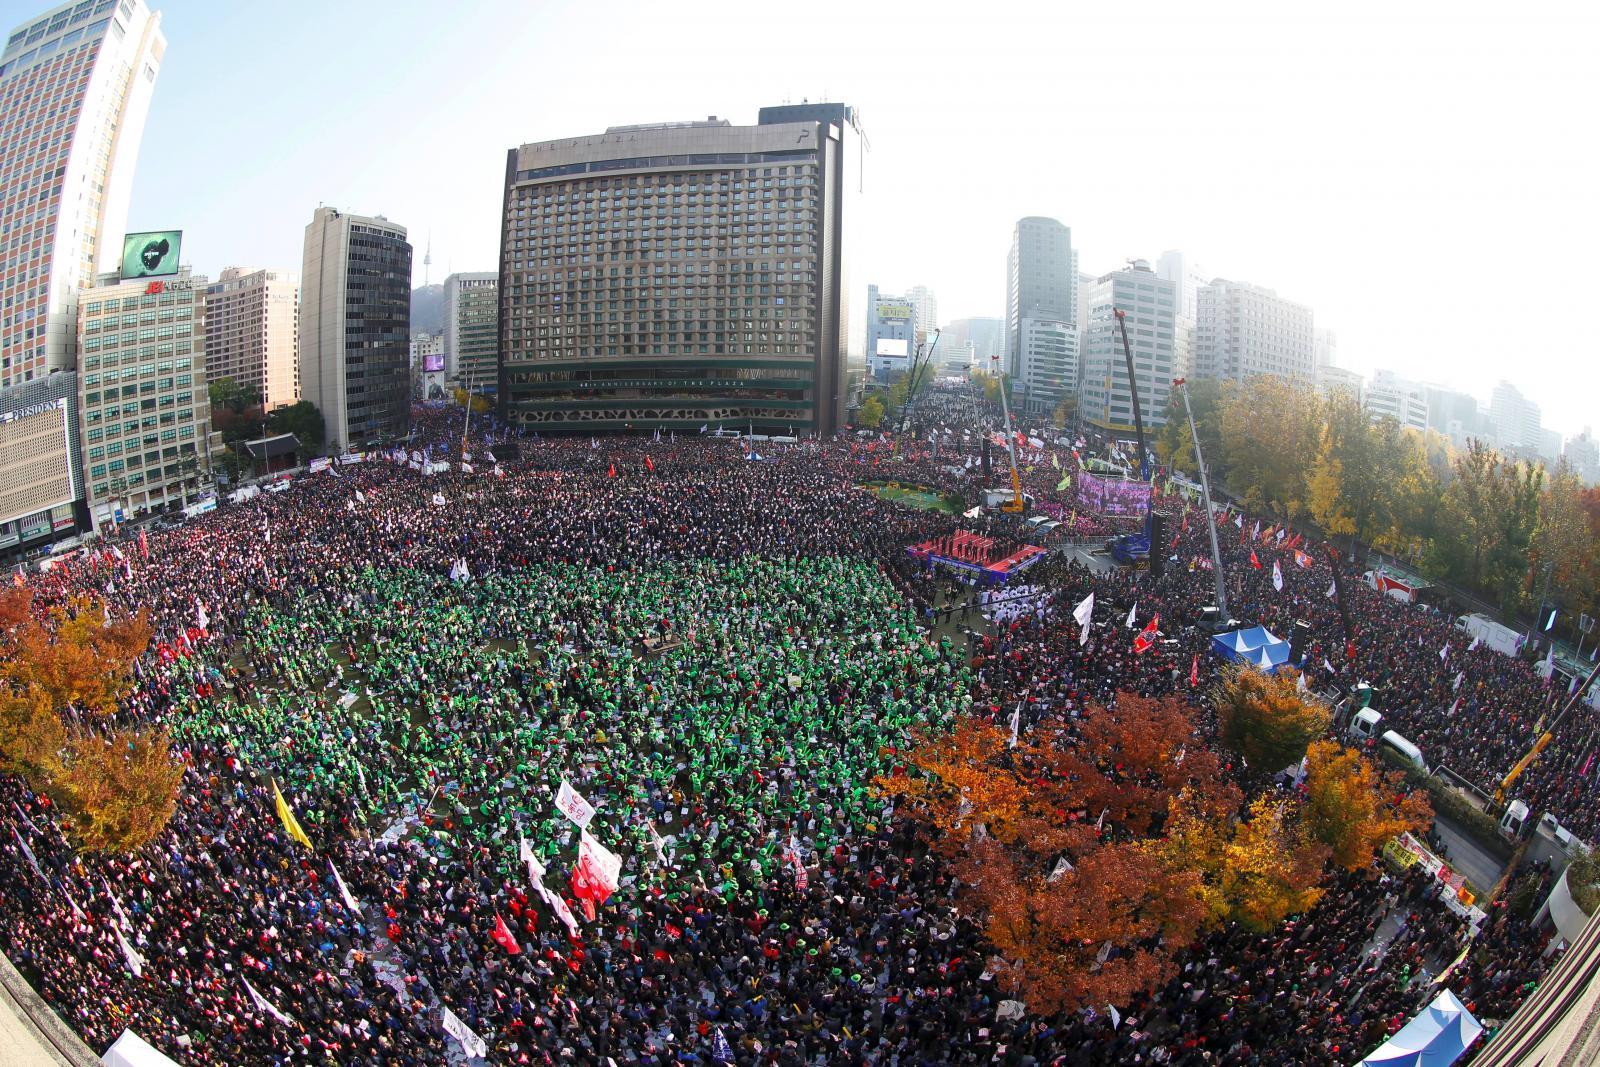 ชาวเกาหลีใต้จัดชุมนุมใหญ่ ขับไล่ผู้นำ